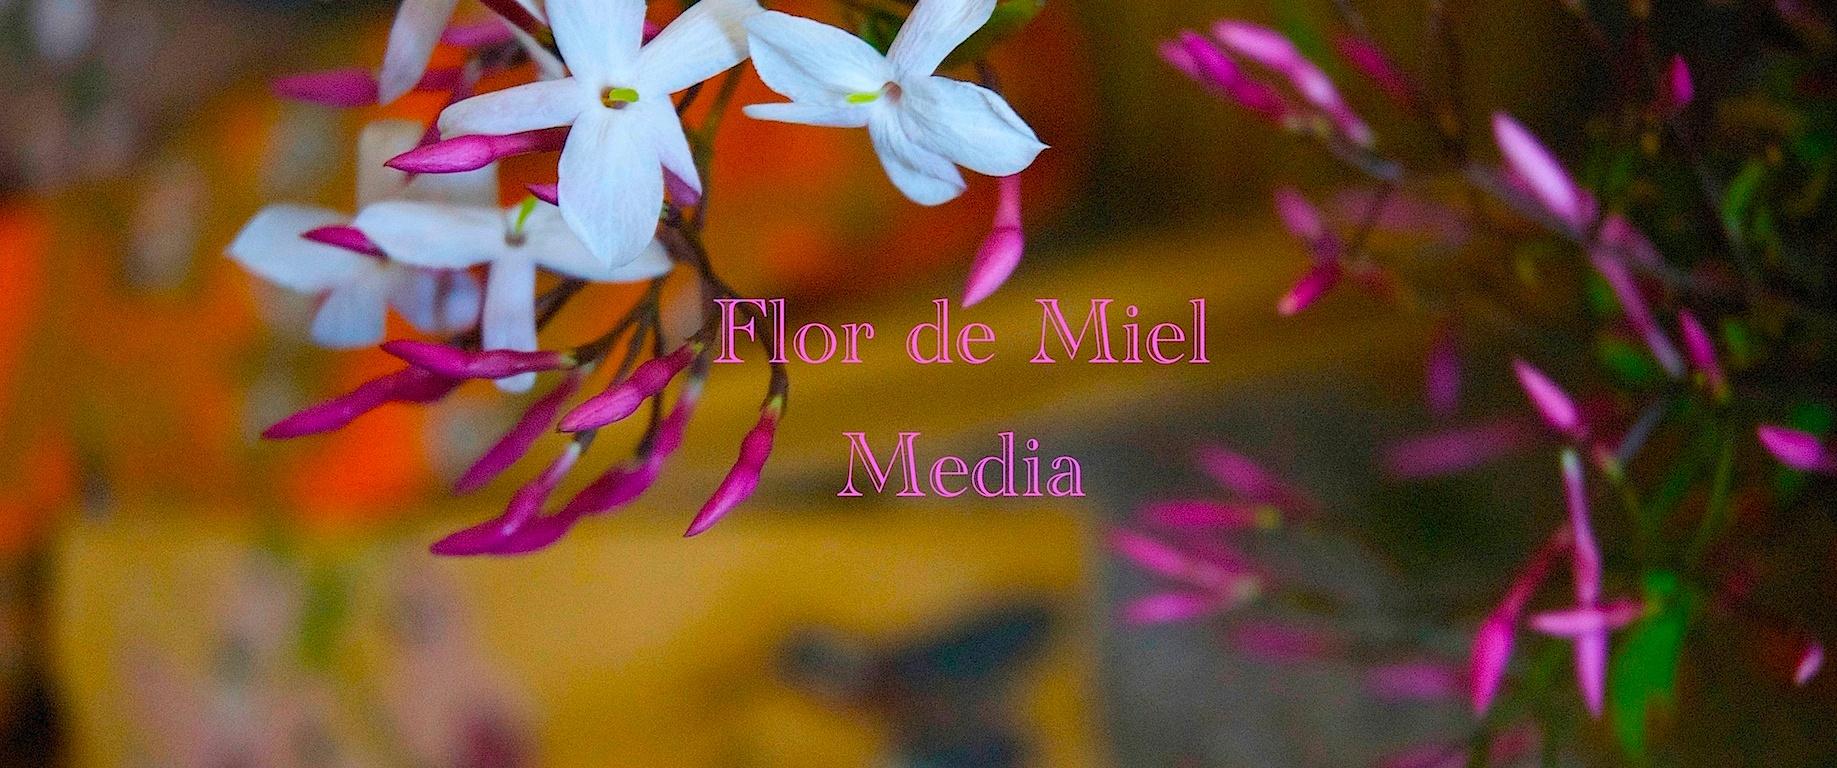 Flor de Miel Media 2017